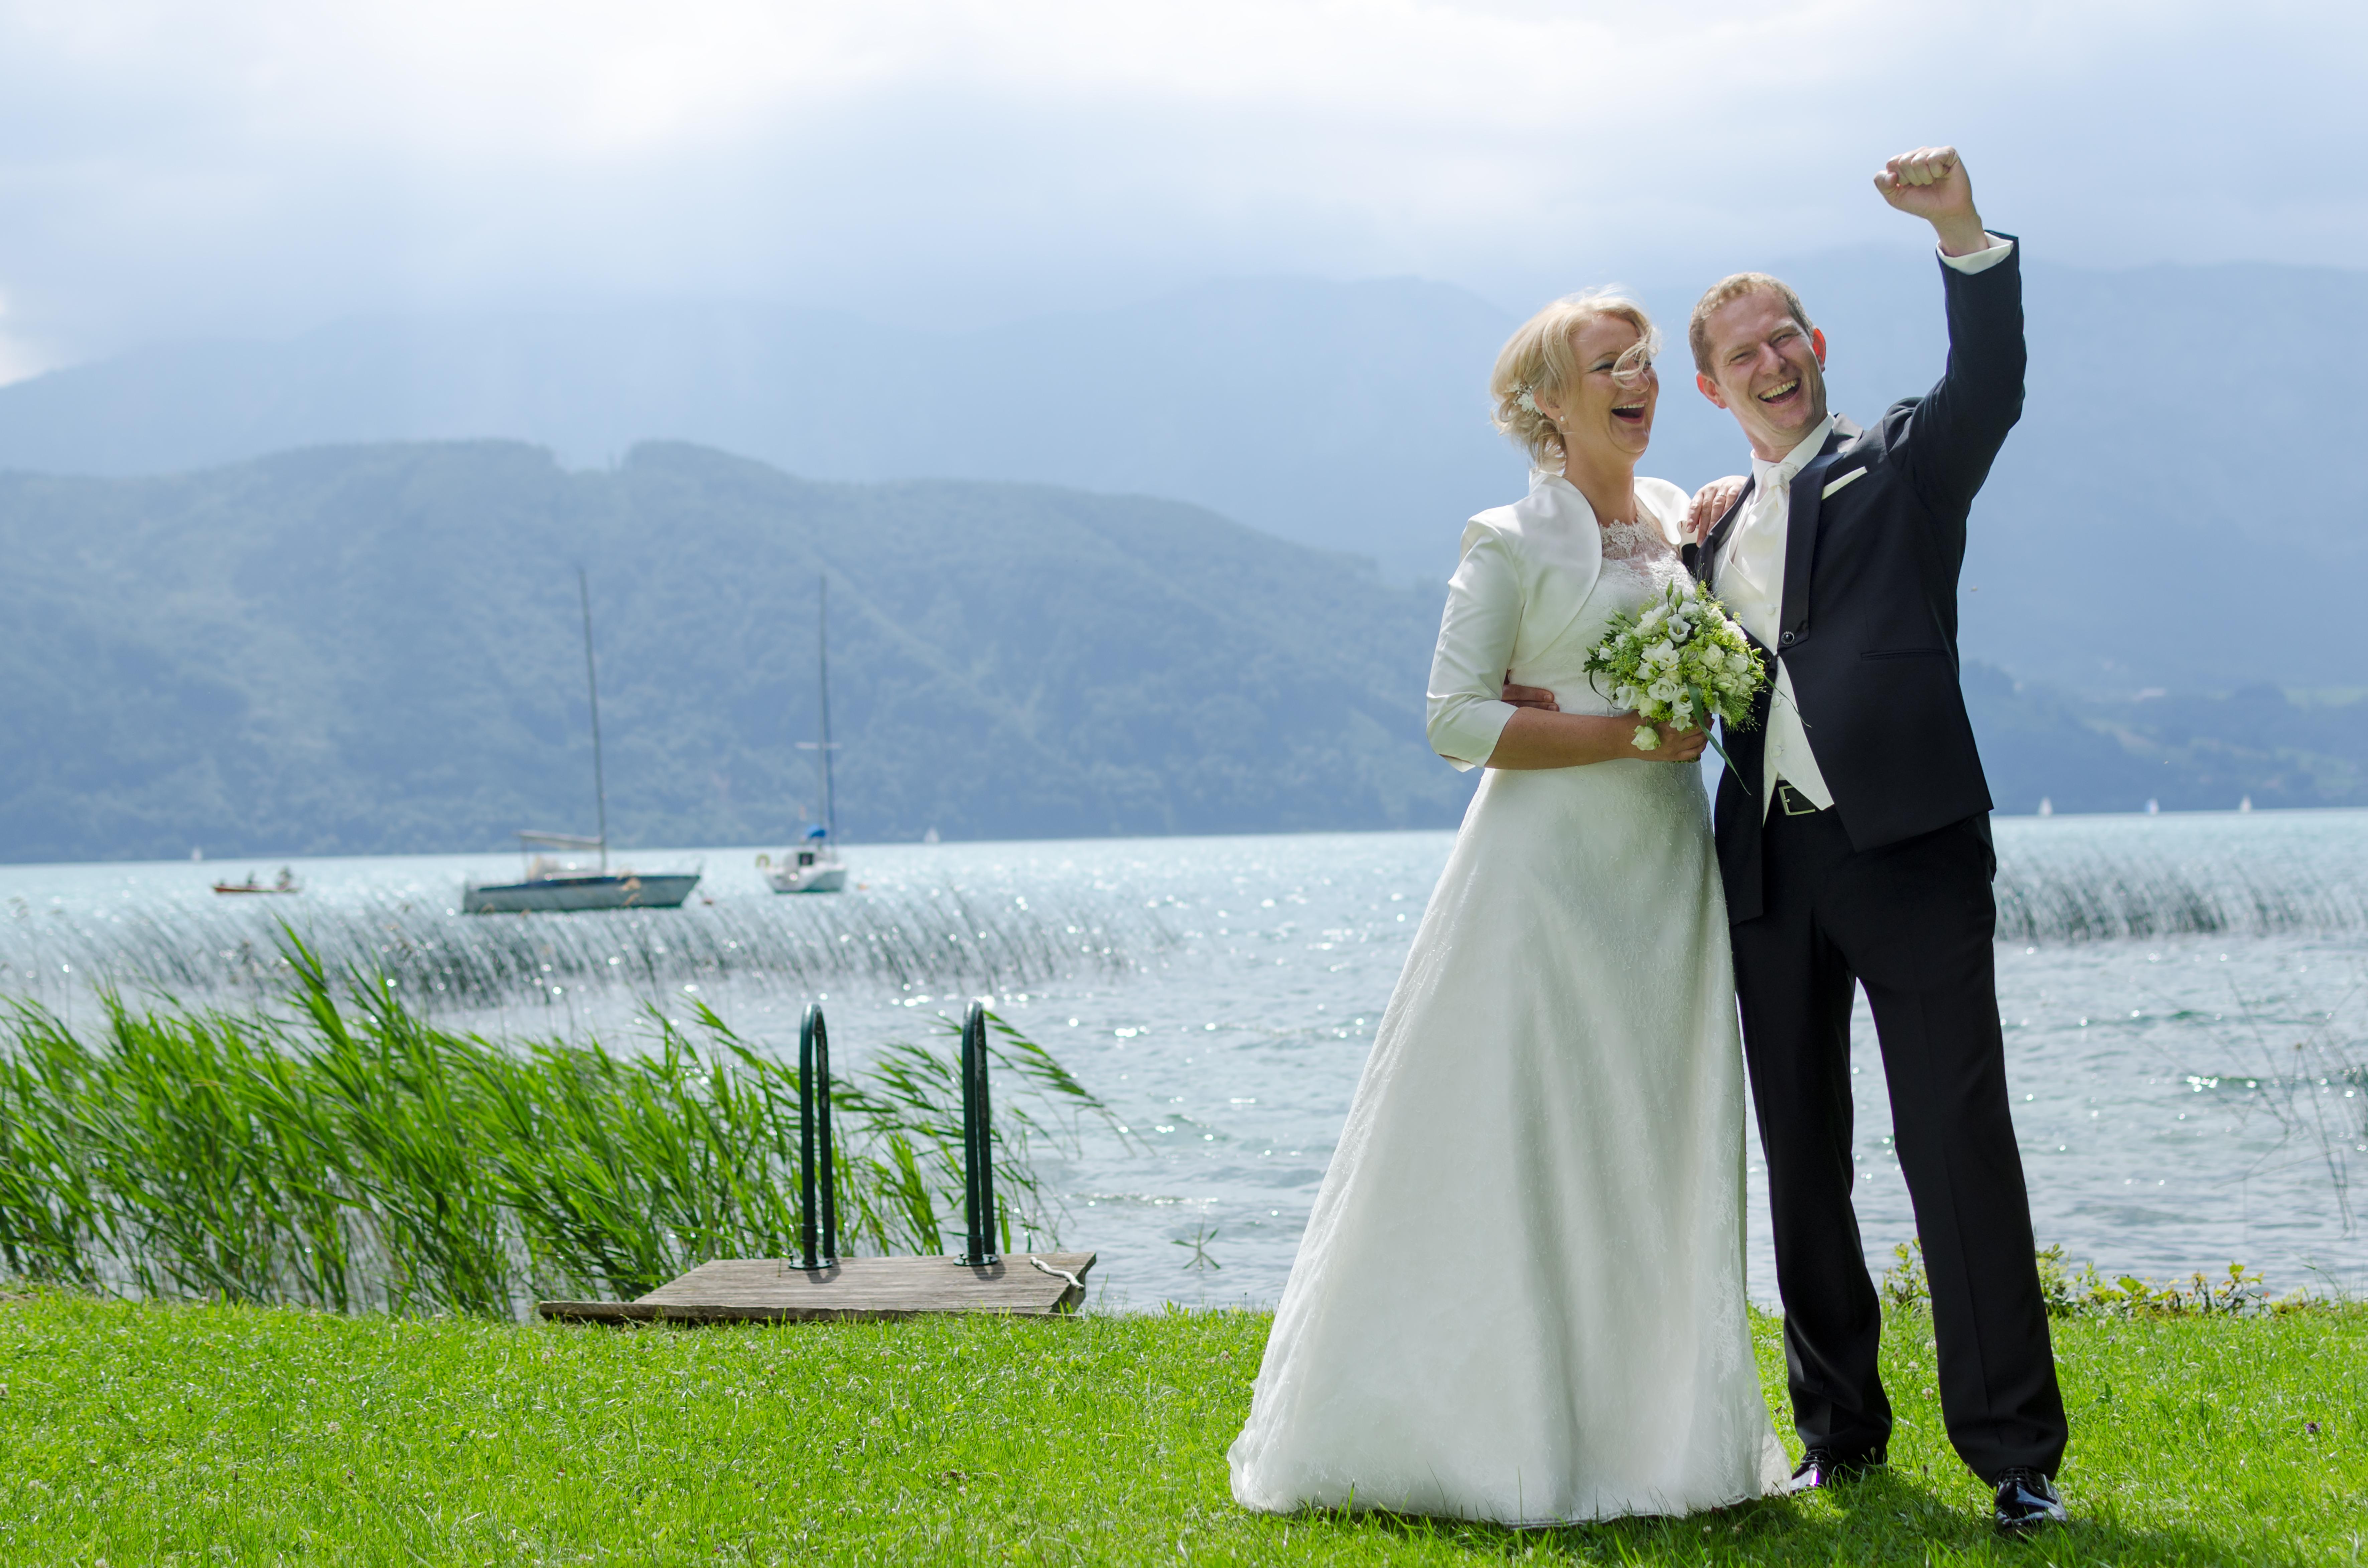 Christine&Gerhard_Hochzeit_Portrait_103_StephanSchreinerPhotography Kopie